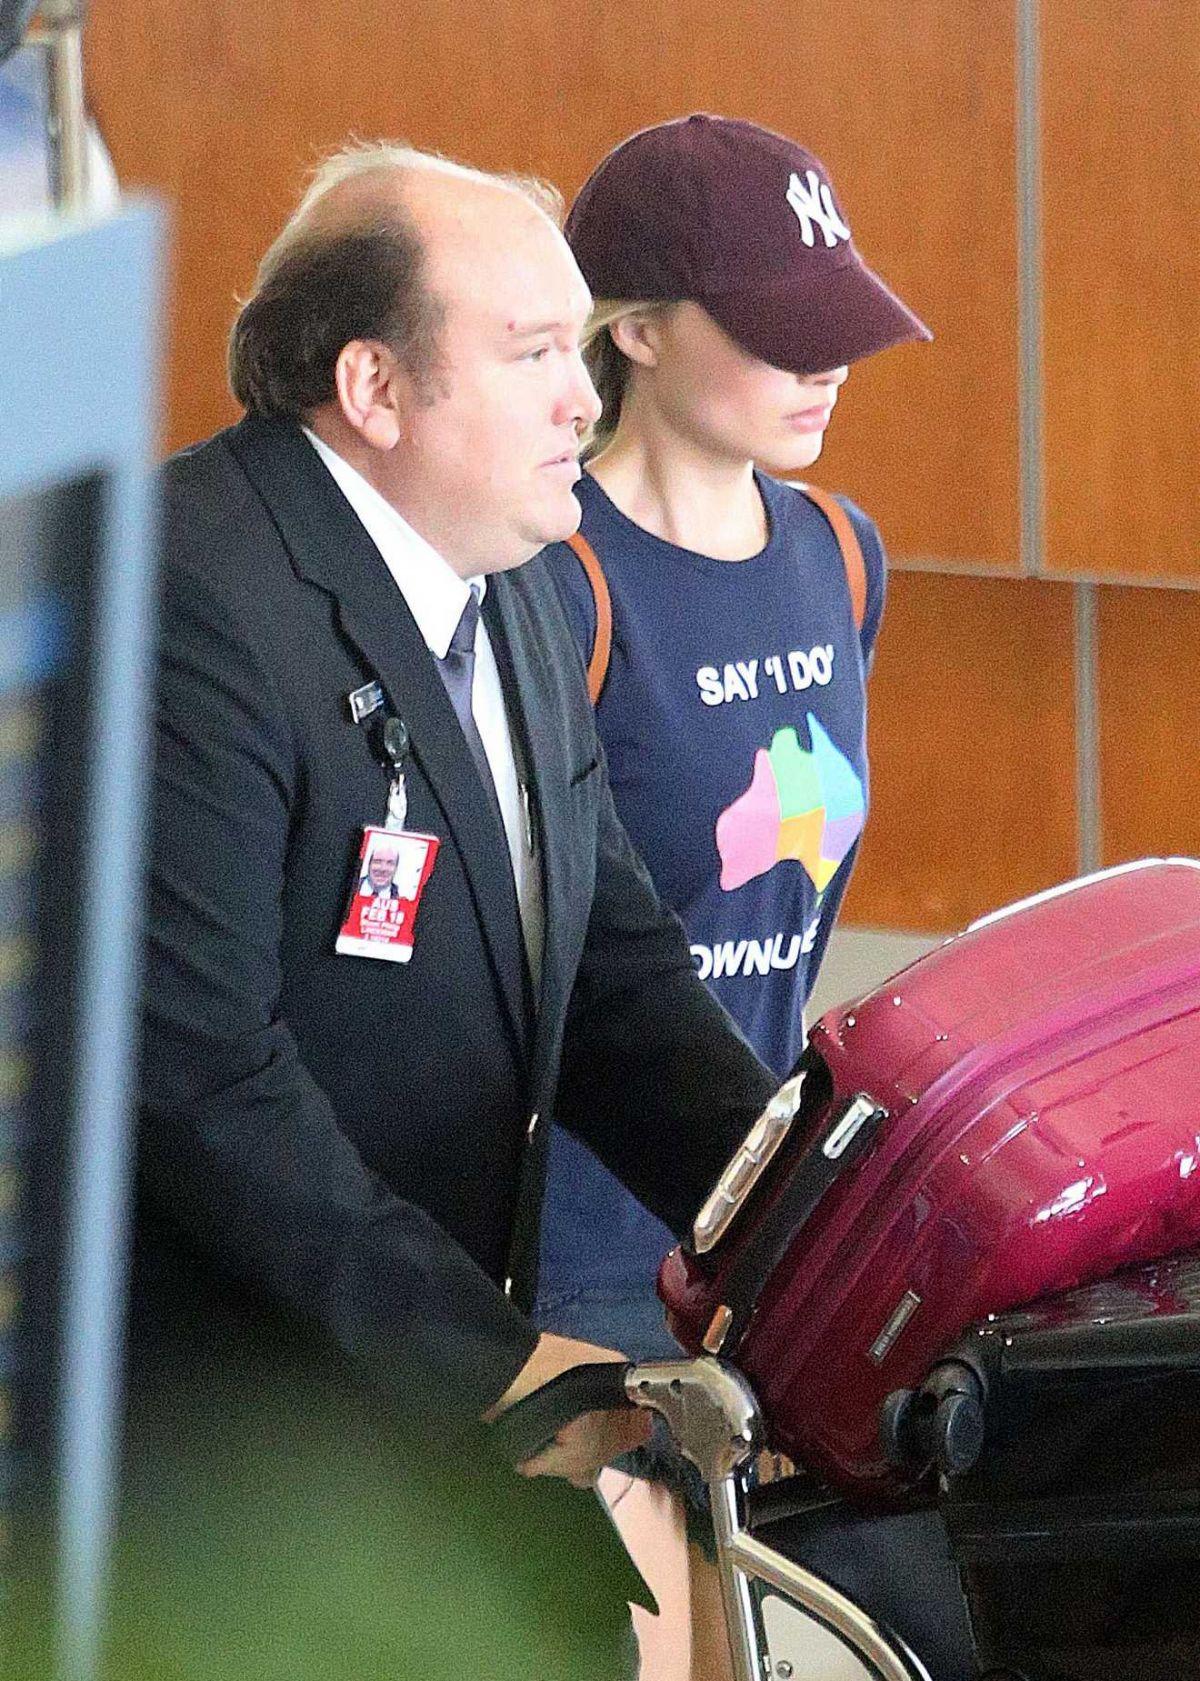 MARGOT ROBBIE at Airport in Brisbane 12/20/2016